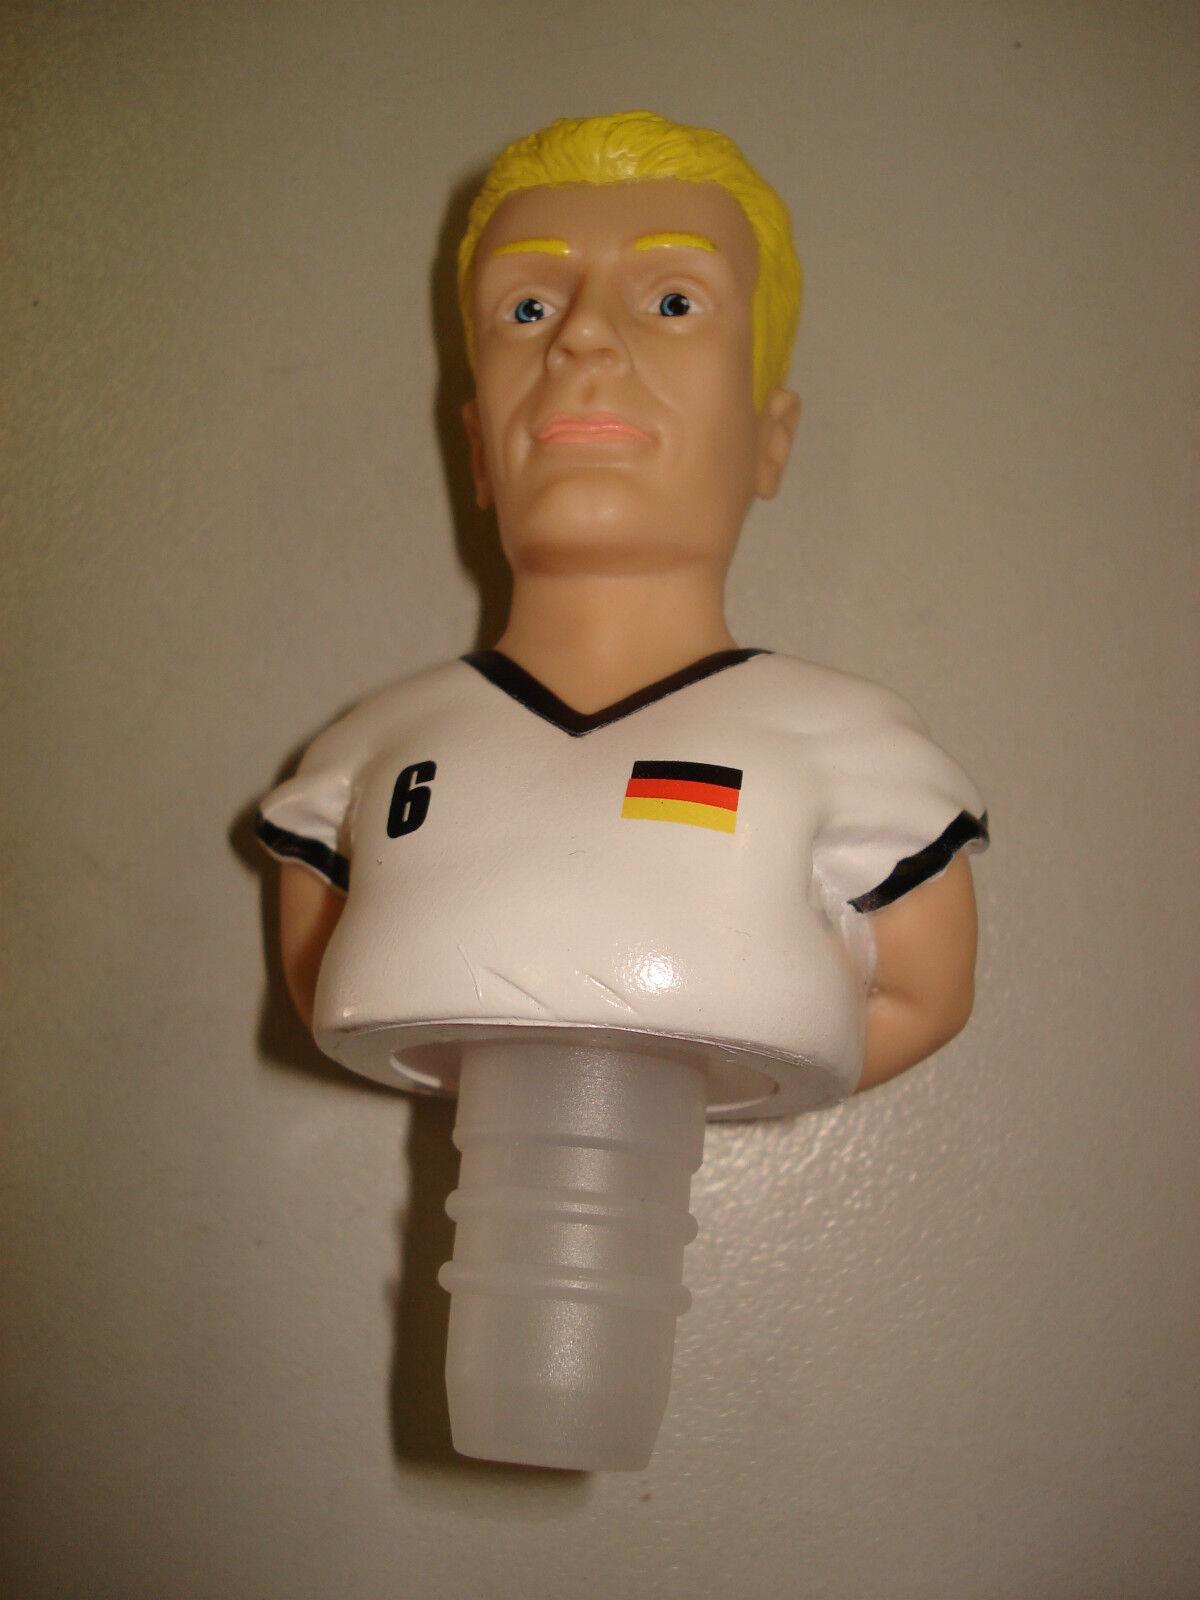 3 x Getränkekühler f Bier 40 cm Deutschland Fussball EM 2016 Fußball Fanartikel